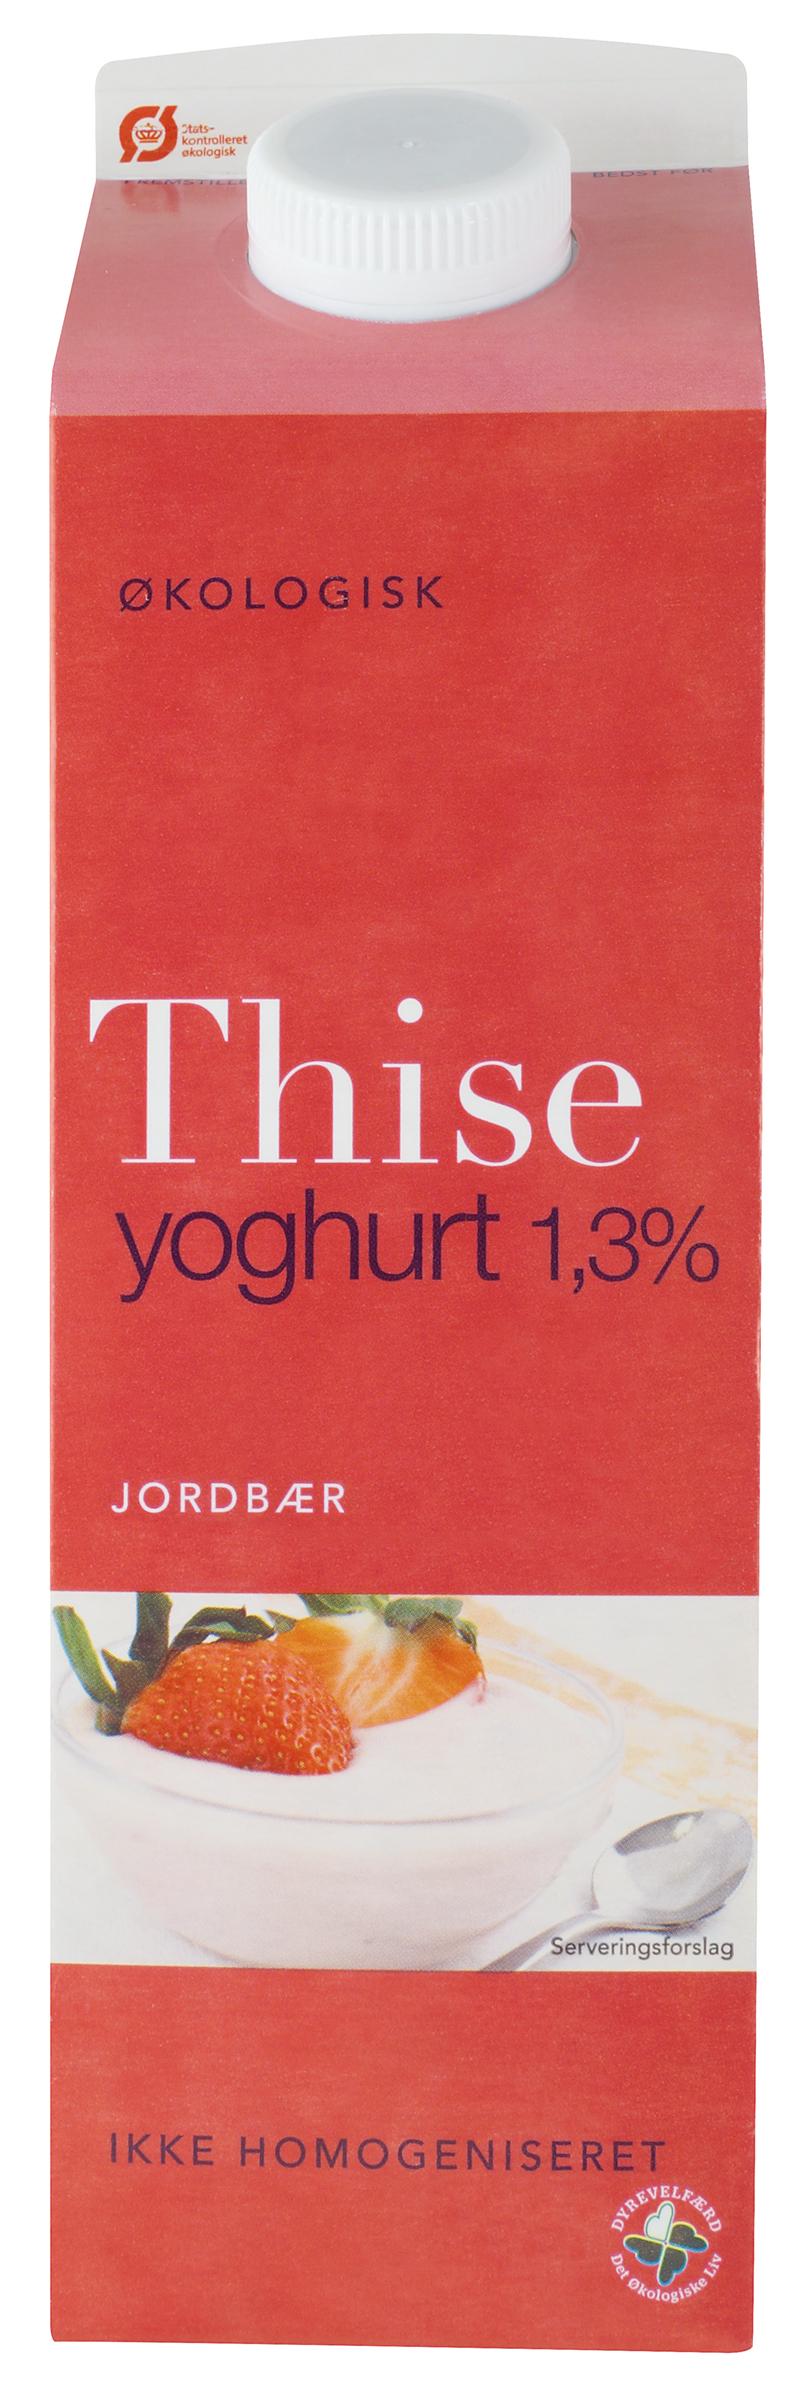 Yoghurt Jordbær 1,5 % Thise